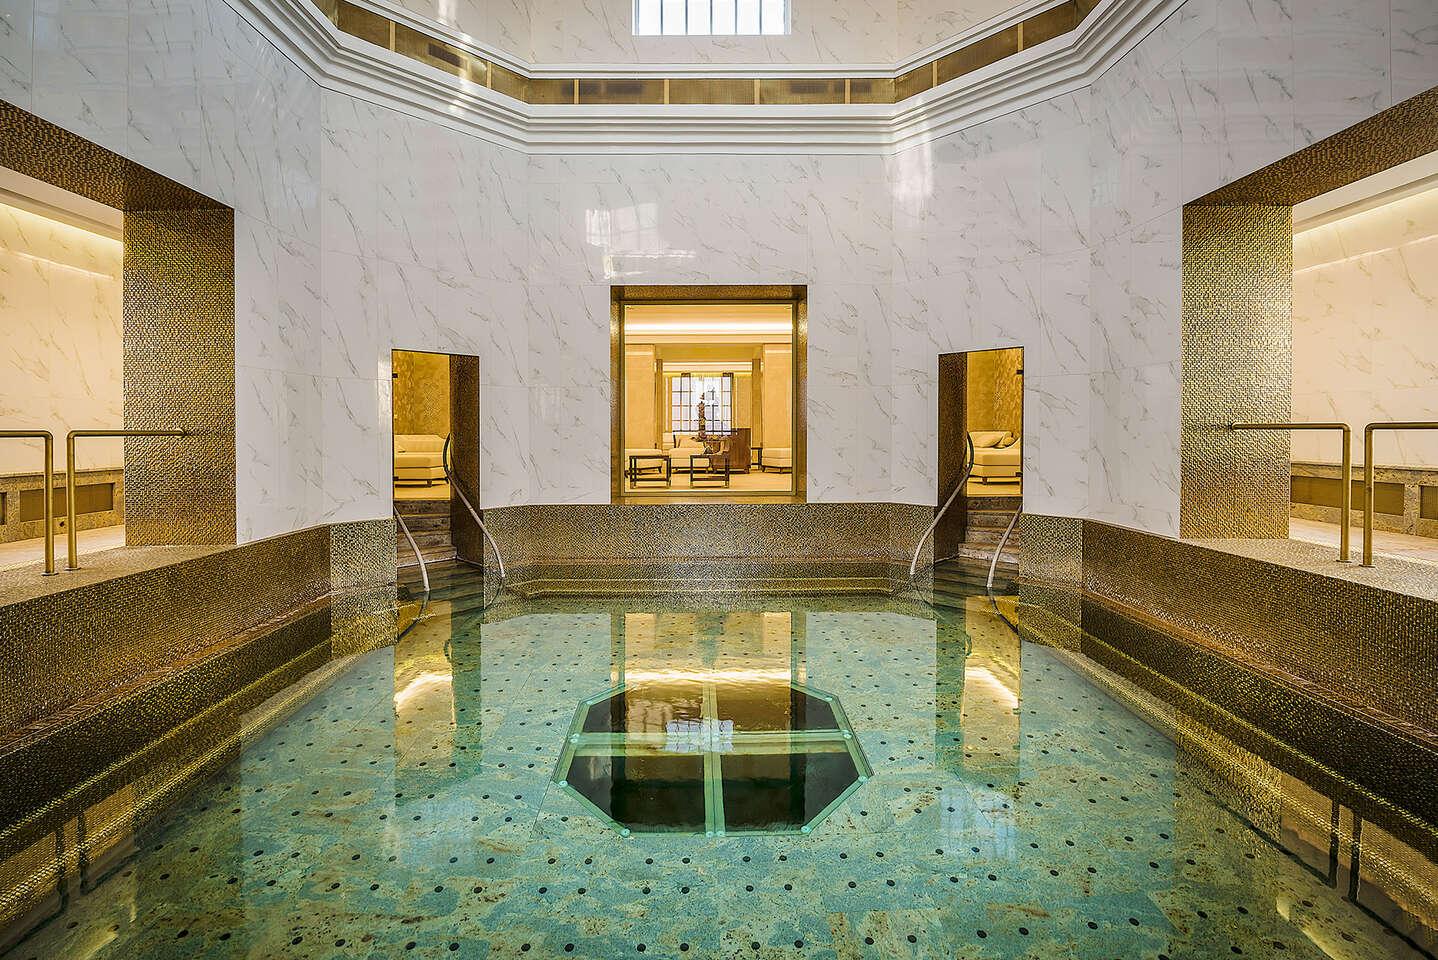 Kráľovský Royal Palace***** s kúpeľnými procedúrami, neobmedzeným SPA&AQUAPARK-om a Zlatým kúpeľom Royal Bath